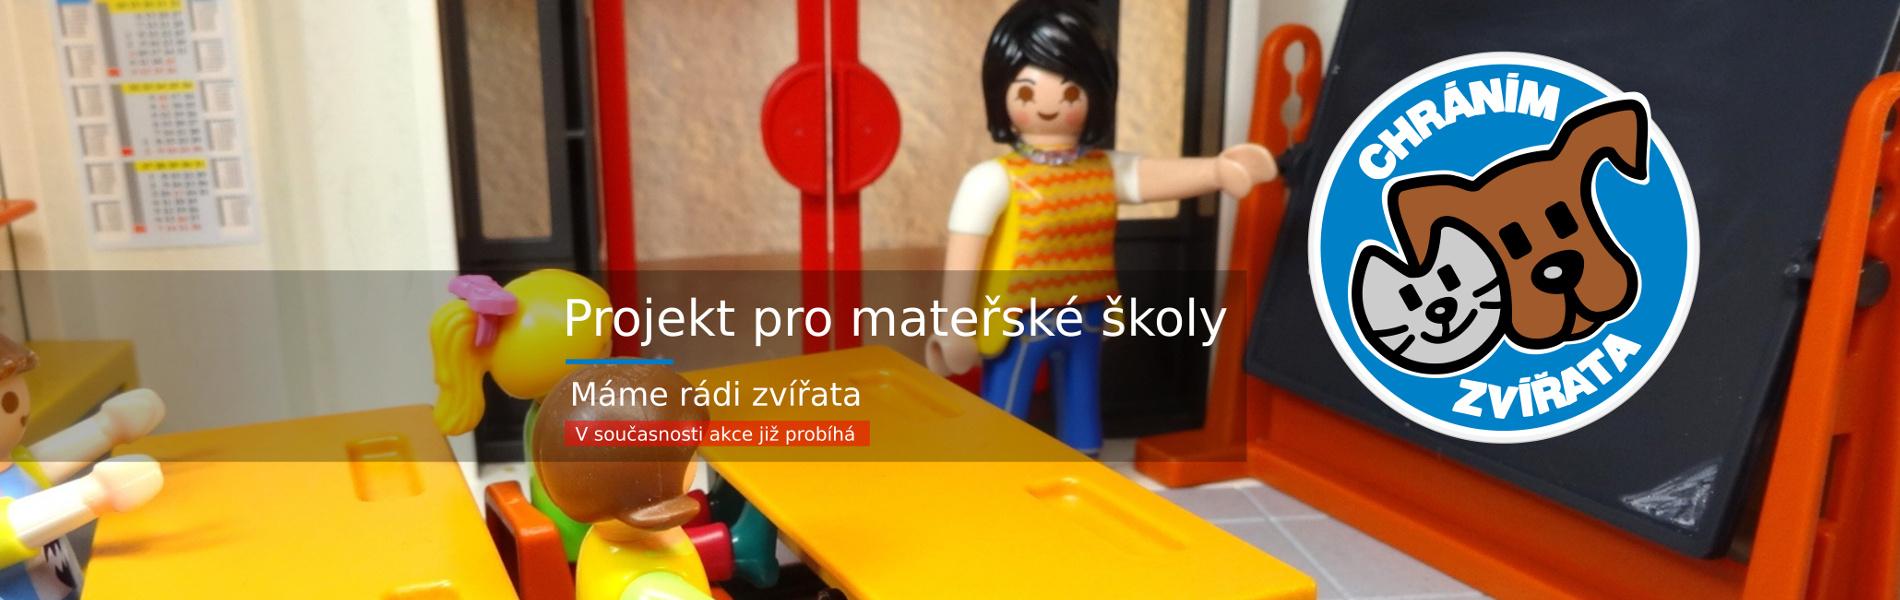 slide-skolky-probiha